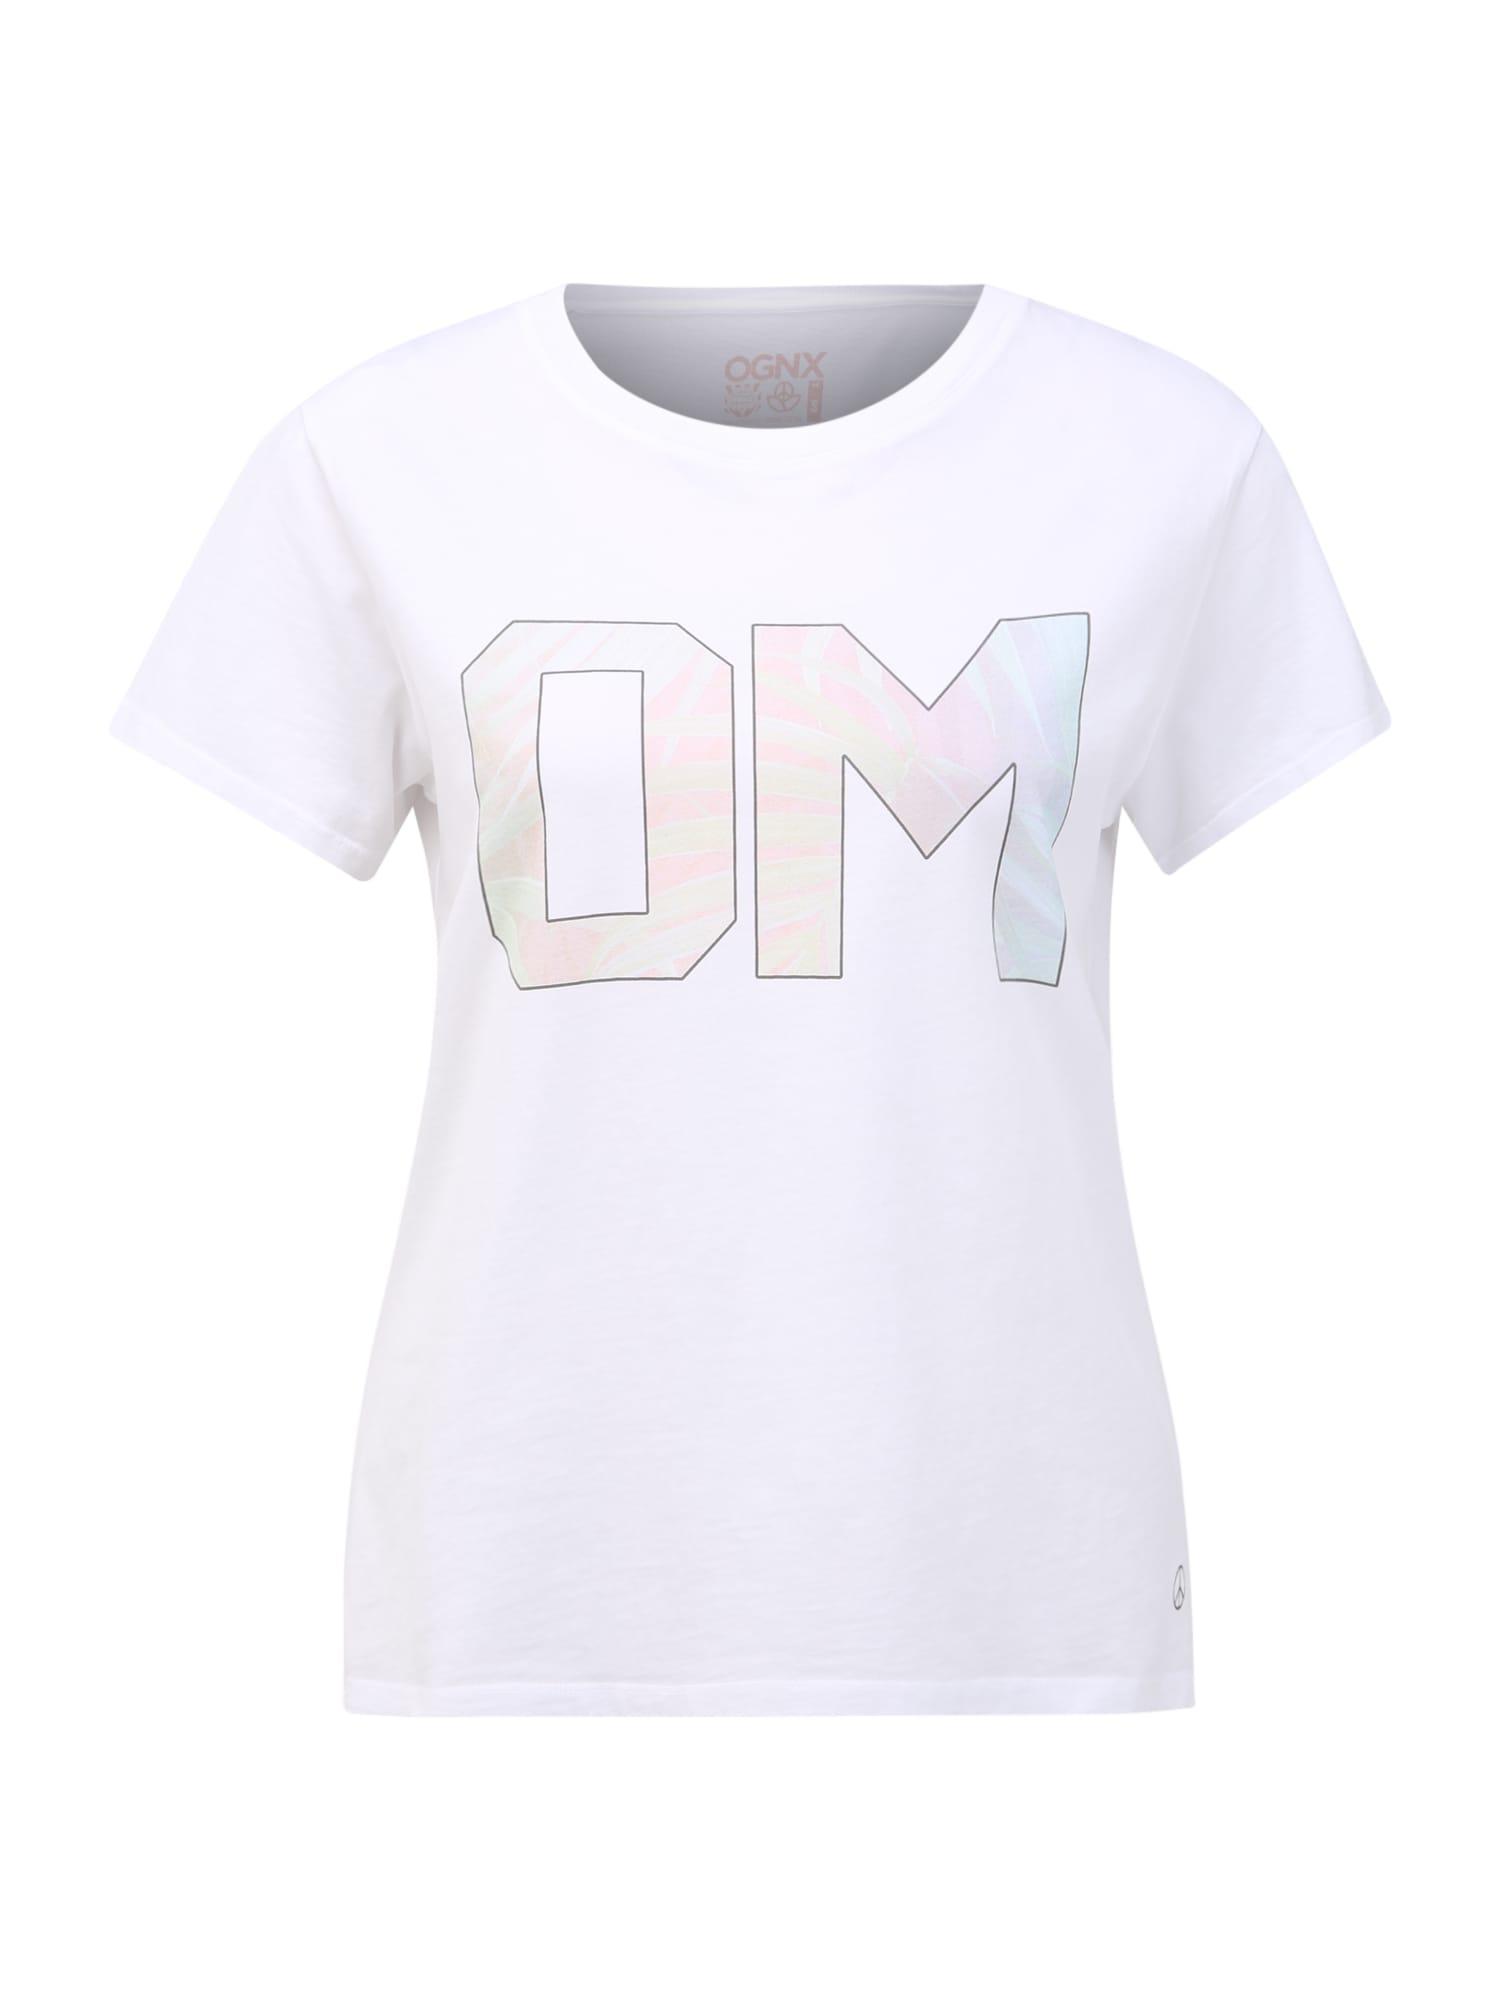 OGNX Sportiniai marškinėliai balta